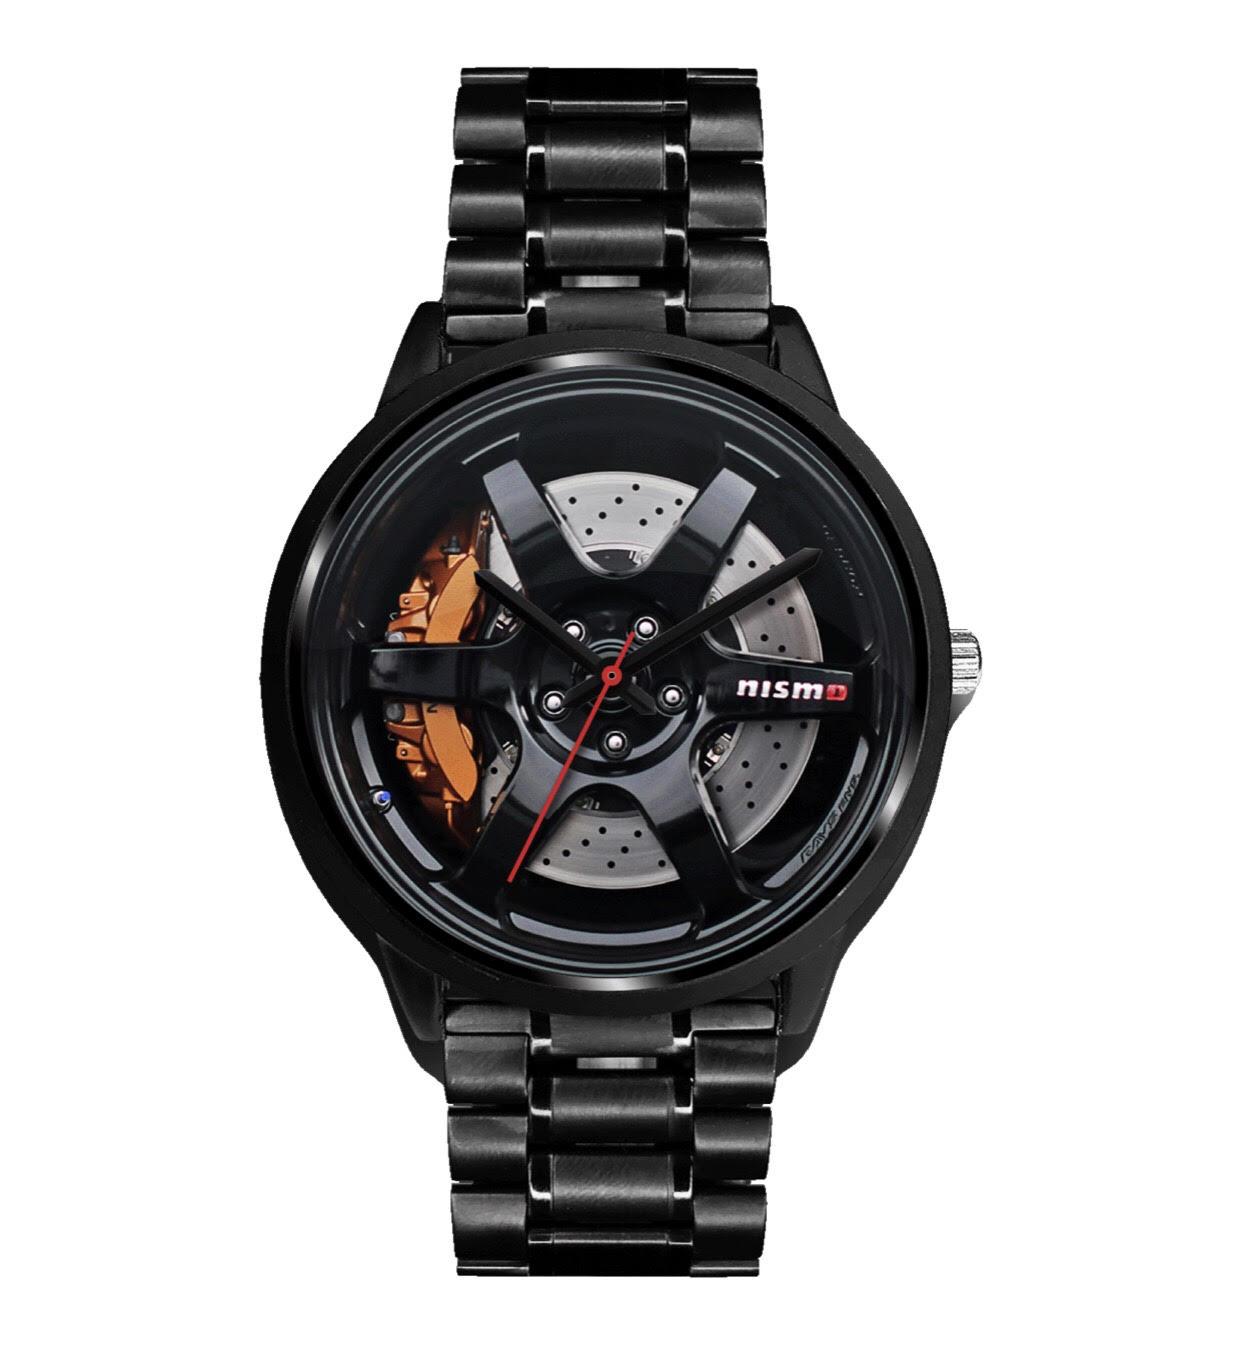 Наручные часы Nismo Nissan Rug GT-R браслет